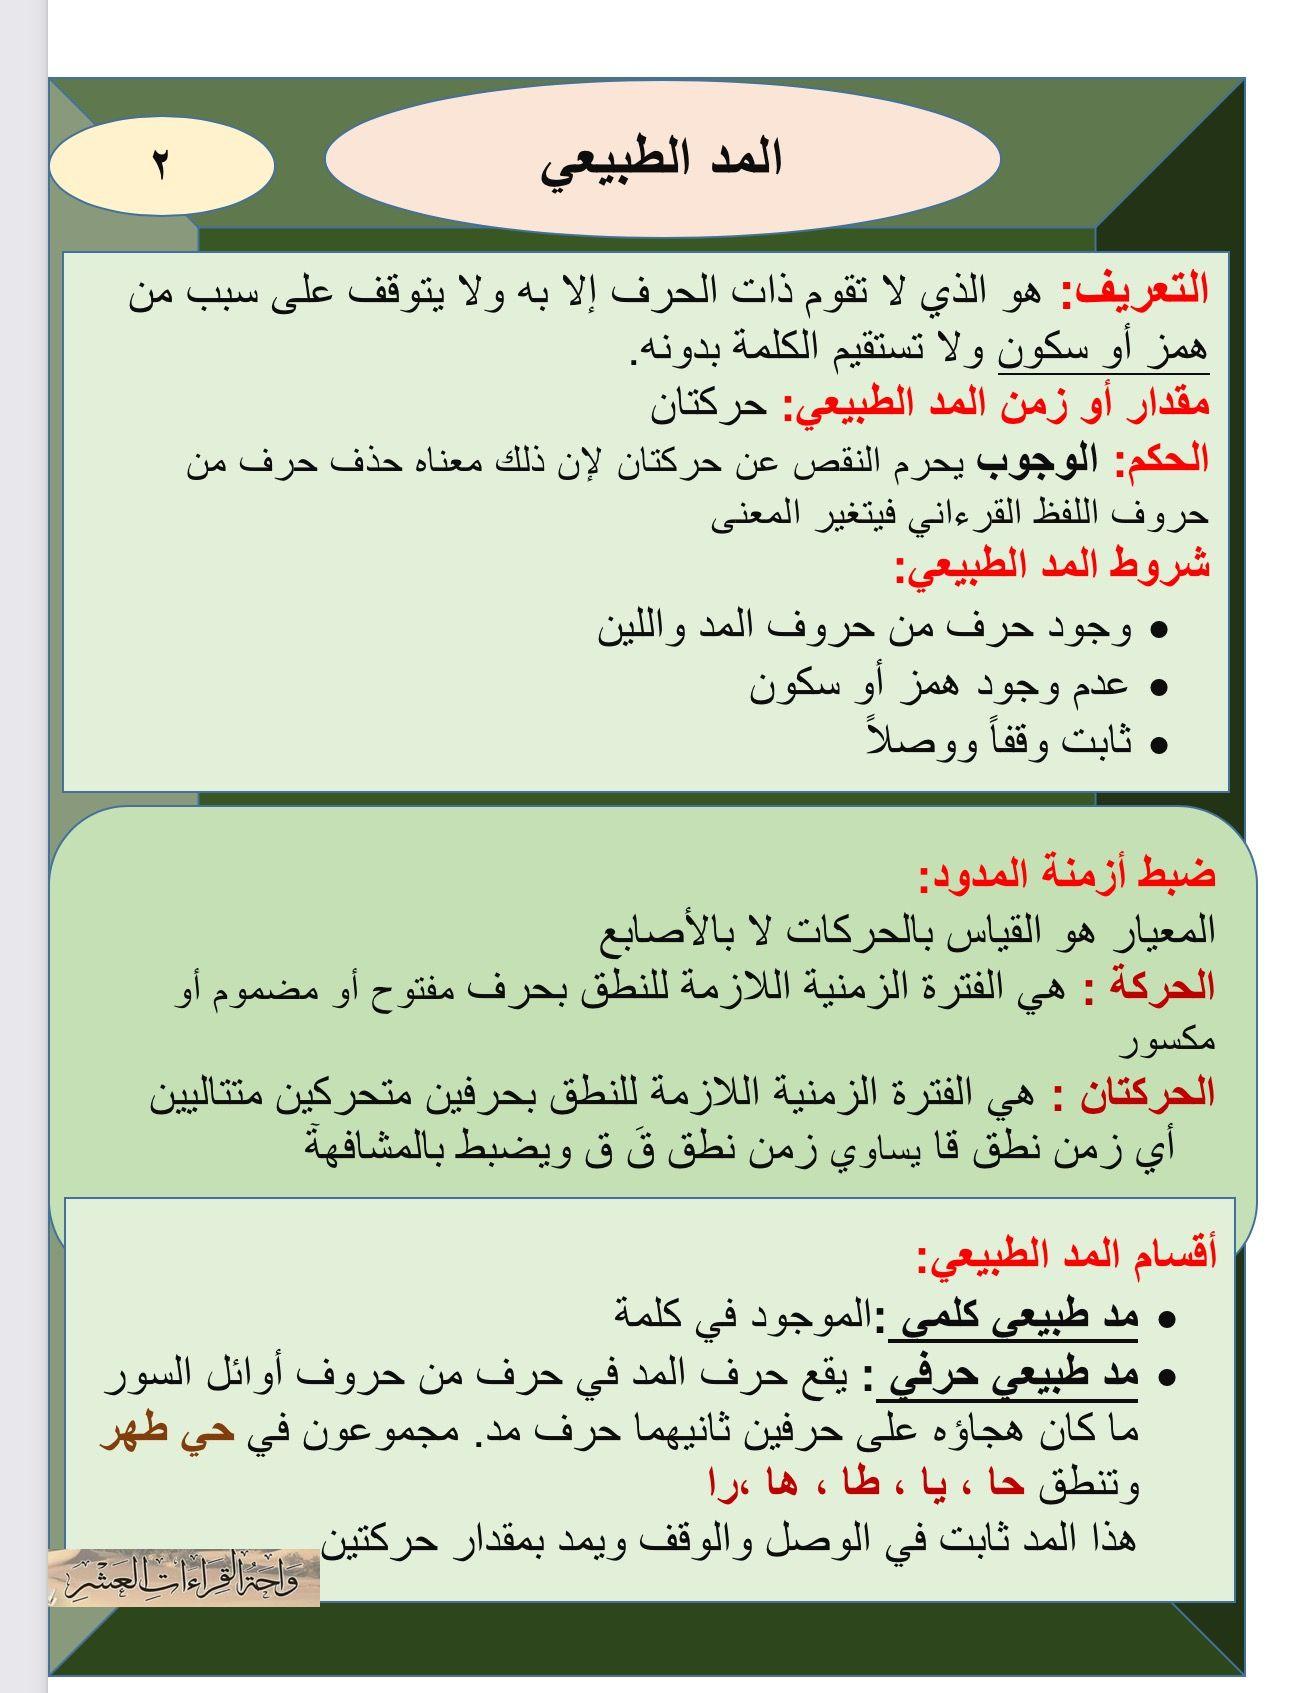 المد الطبيعي | مبادئ التجويد | Holy quran, Quran, Islam